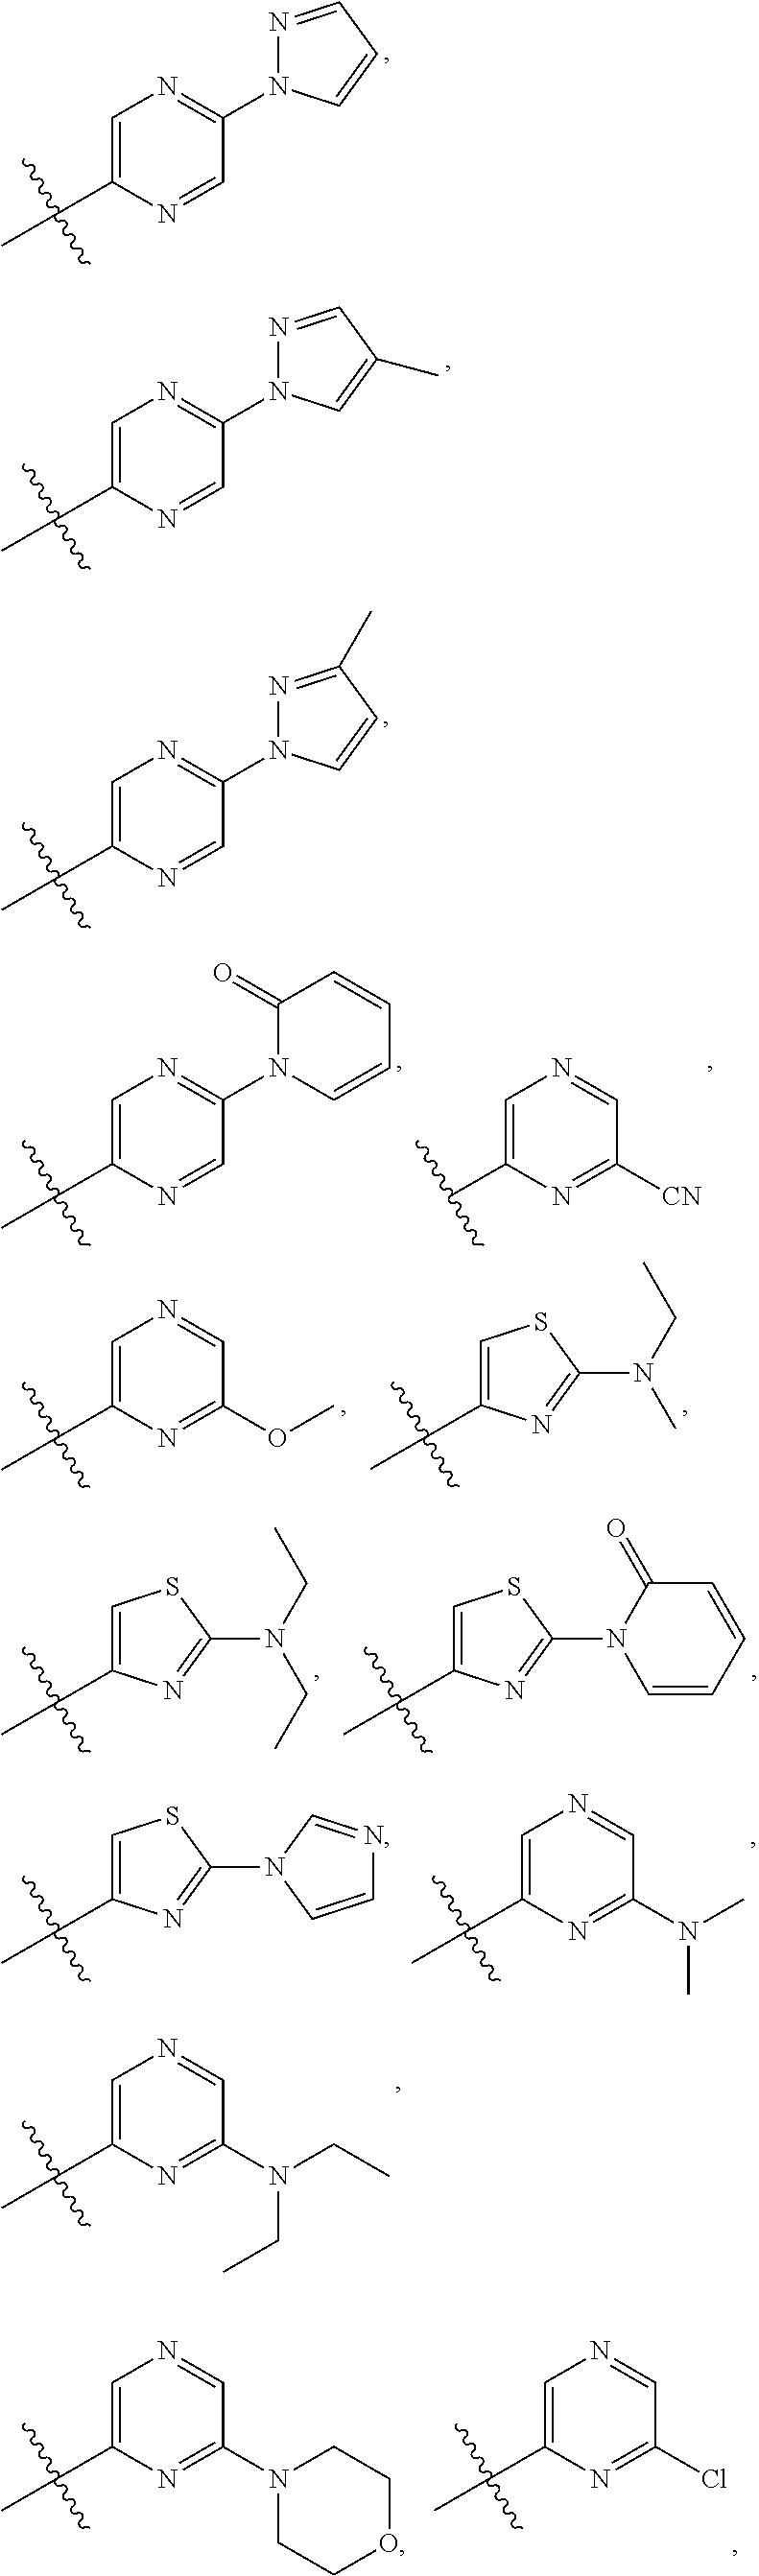 Figure US08940742-20150127-C00040